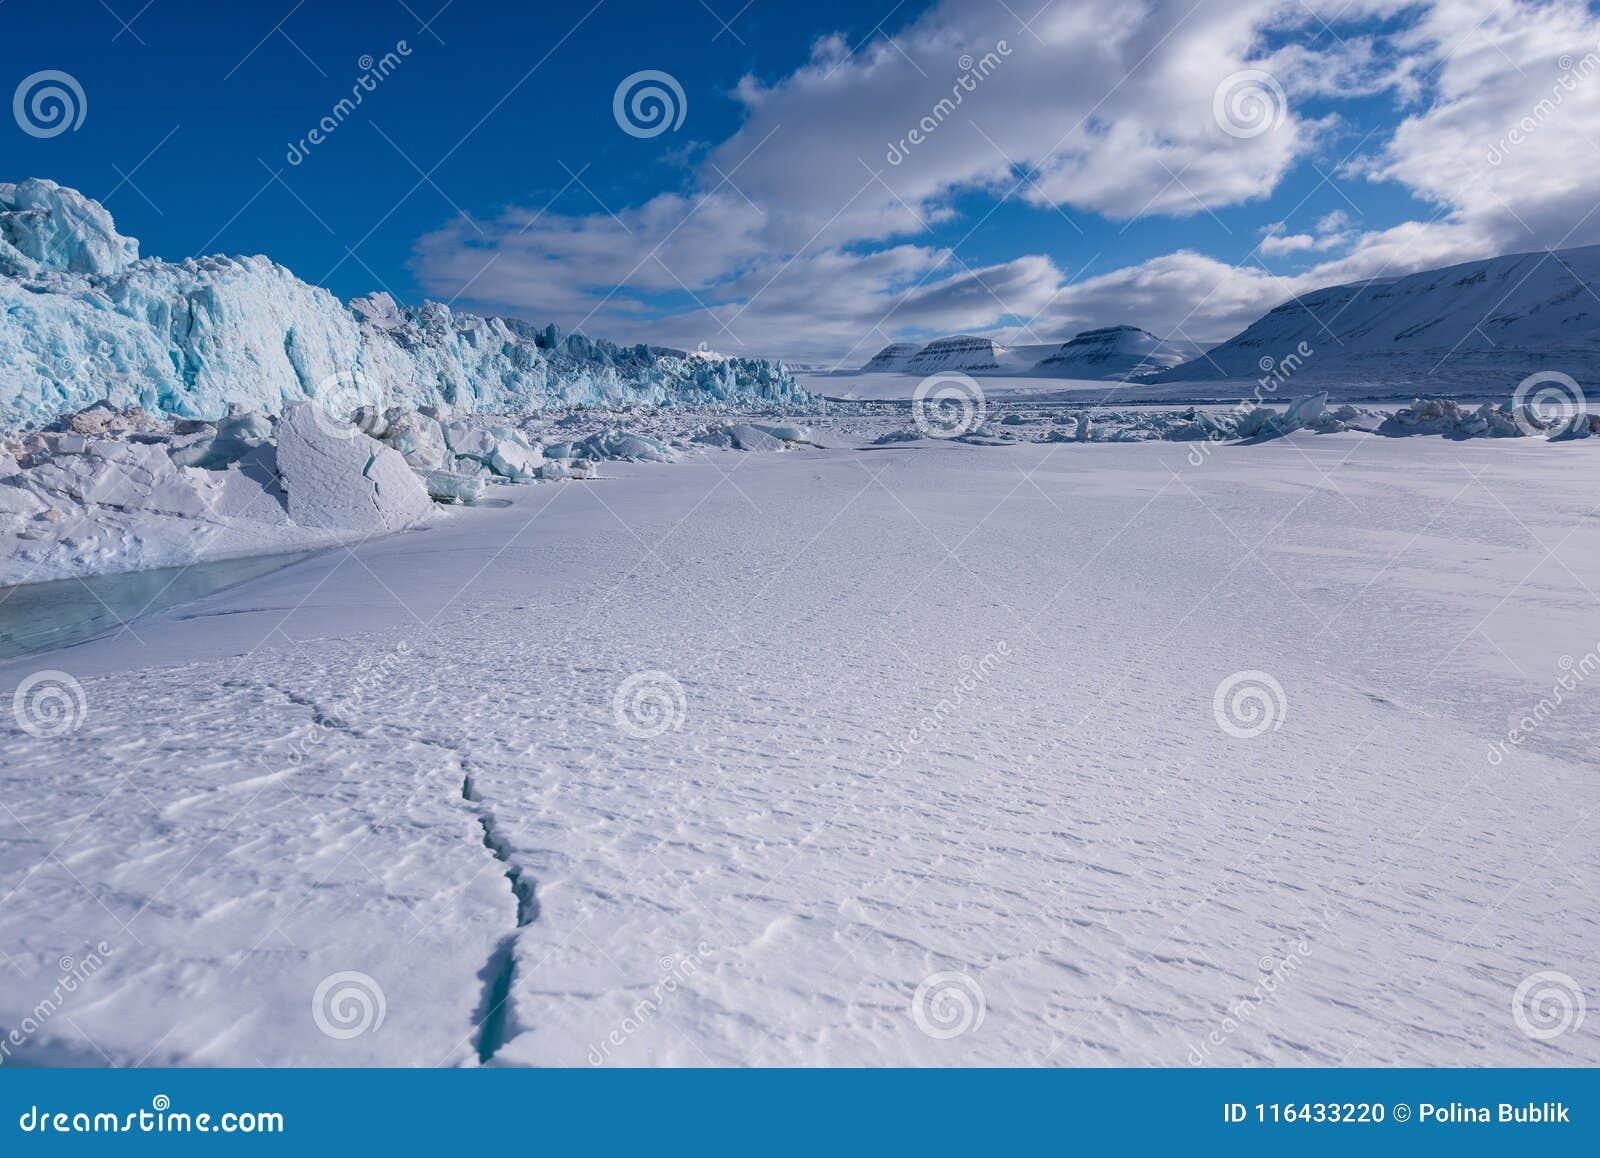 Krajobrazowa natura lodowiec góra Spitsbergen Longyearbyen Svalbard arktycznej zimy światła słonecznego biegunowy dzień